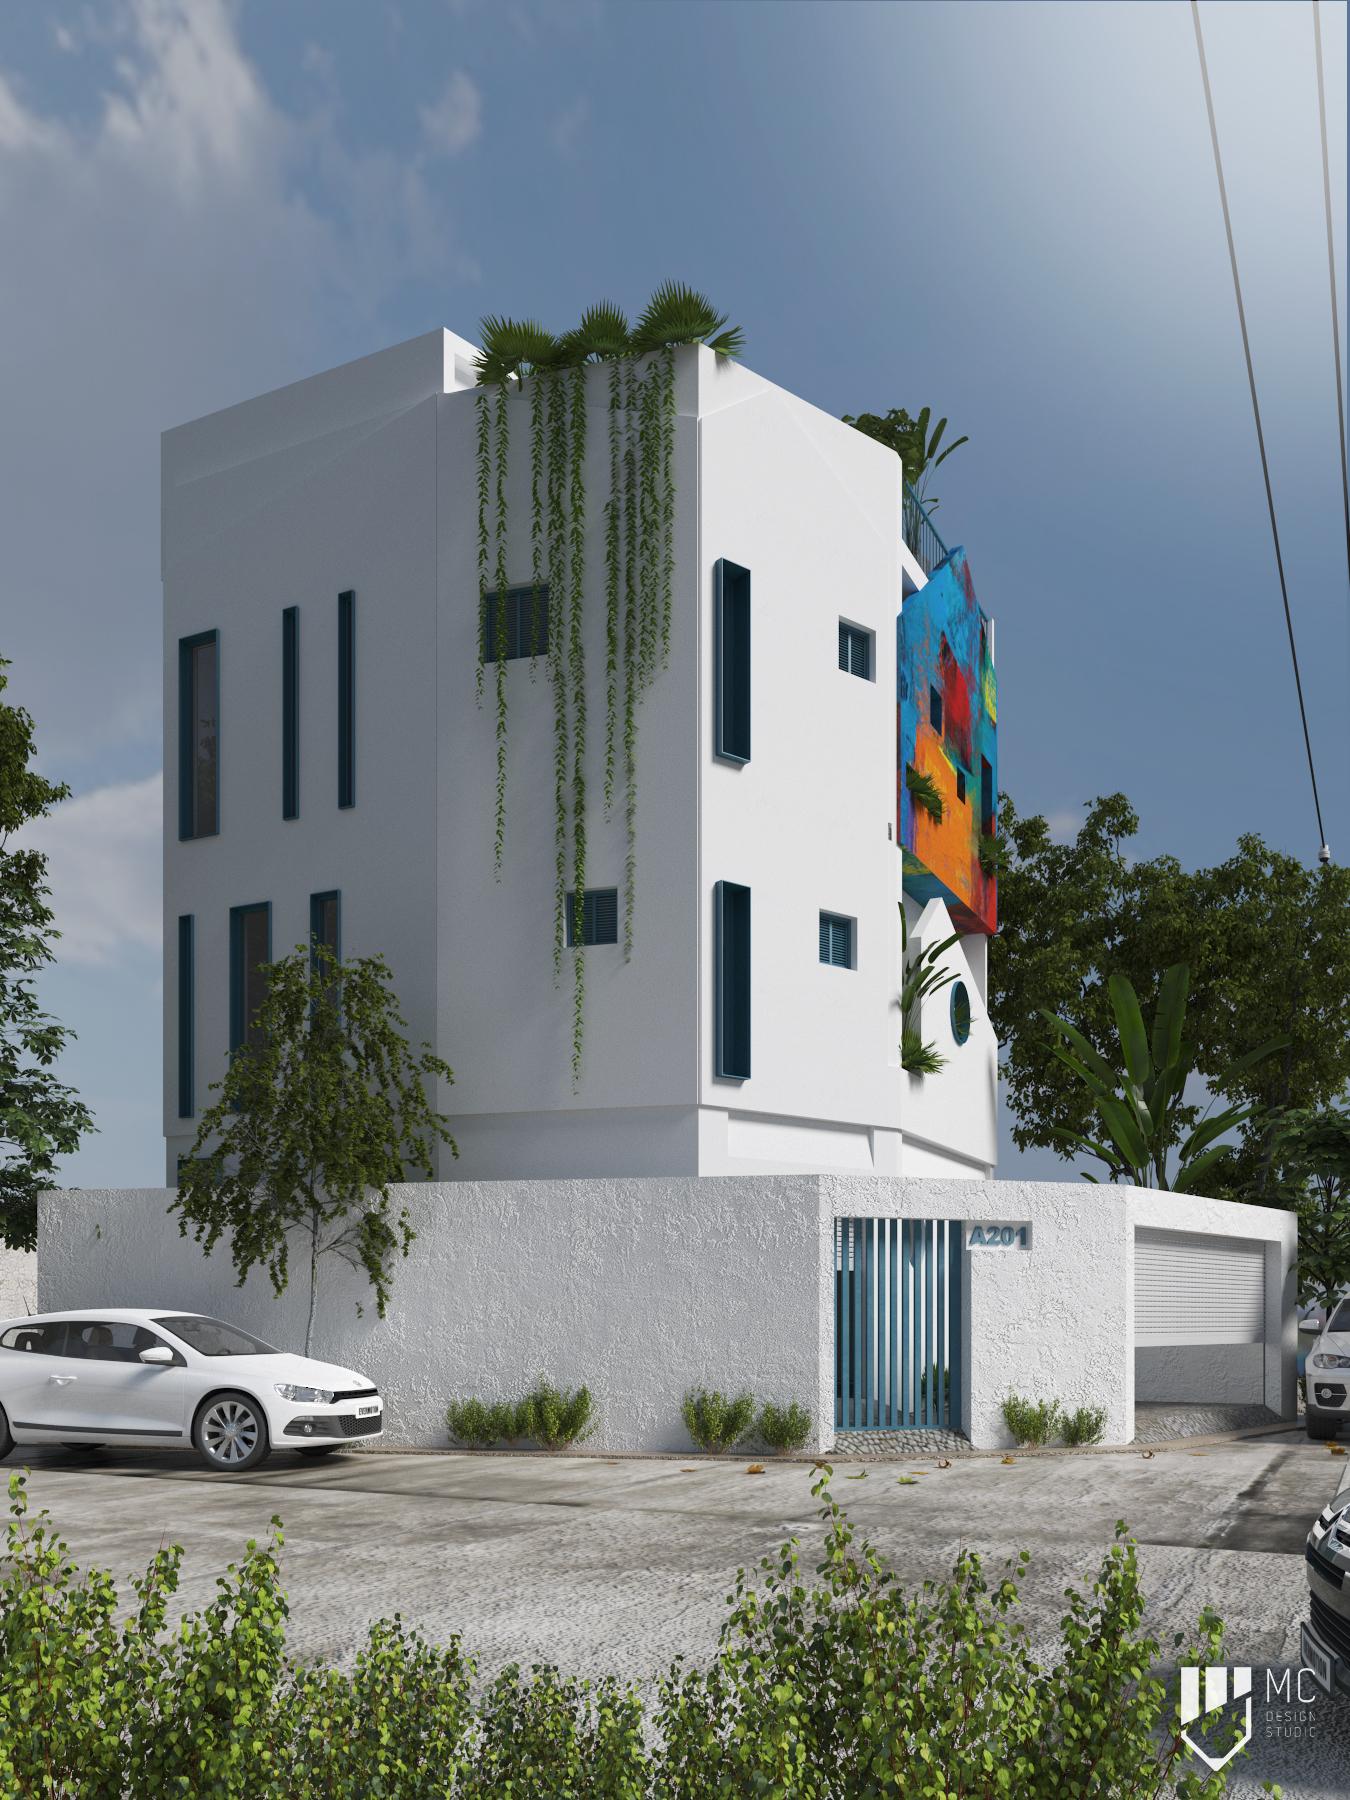 Thiết kế Nhà Mặt Phố tại Hồ Chí Minh T.H.S HOUSE 1588586224 2